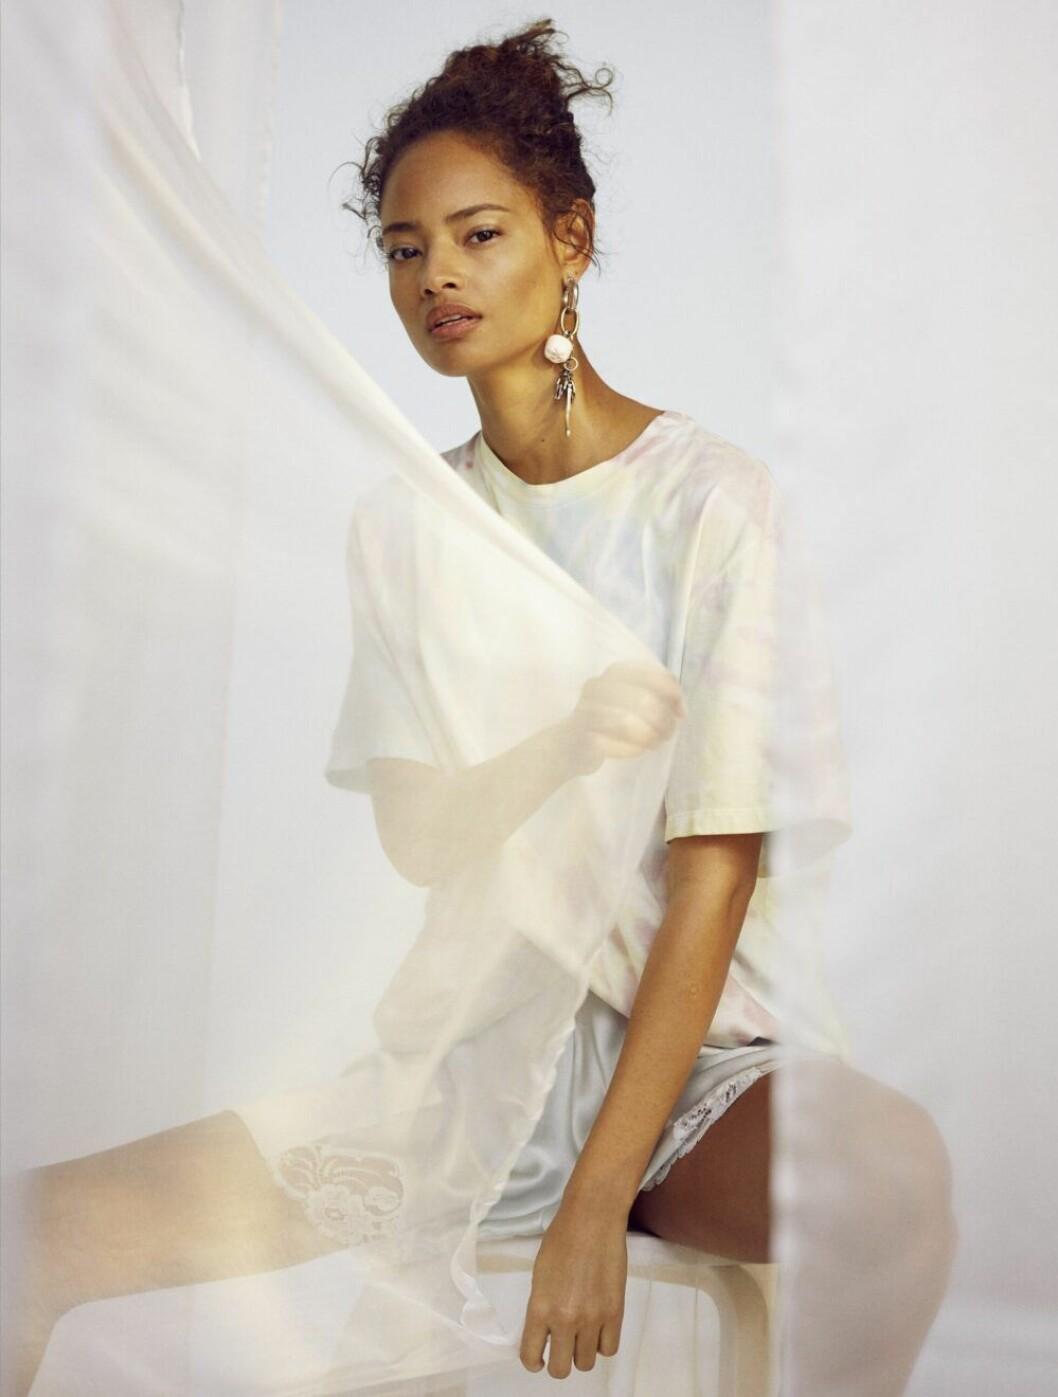 Vit t-shirt kombineras med ljusblåa silkesshorts